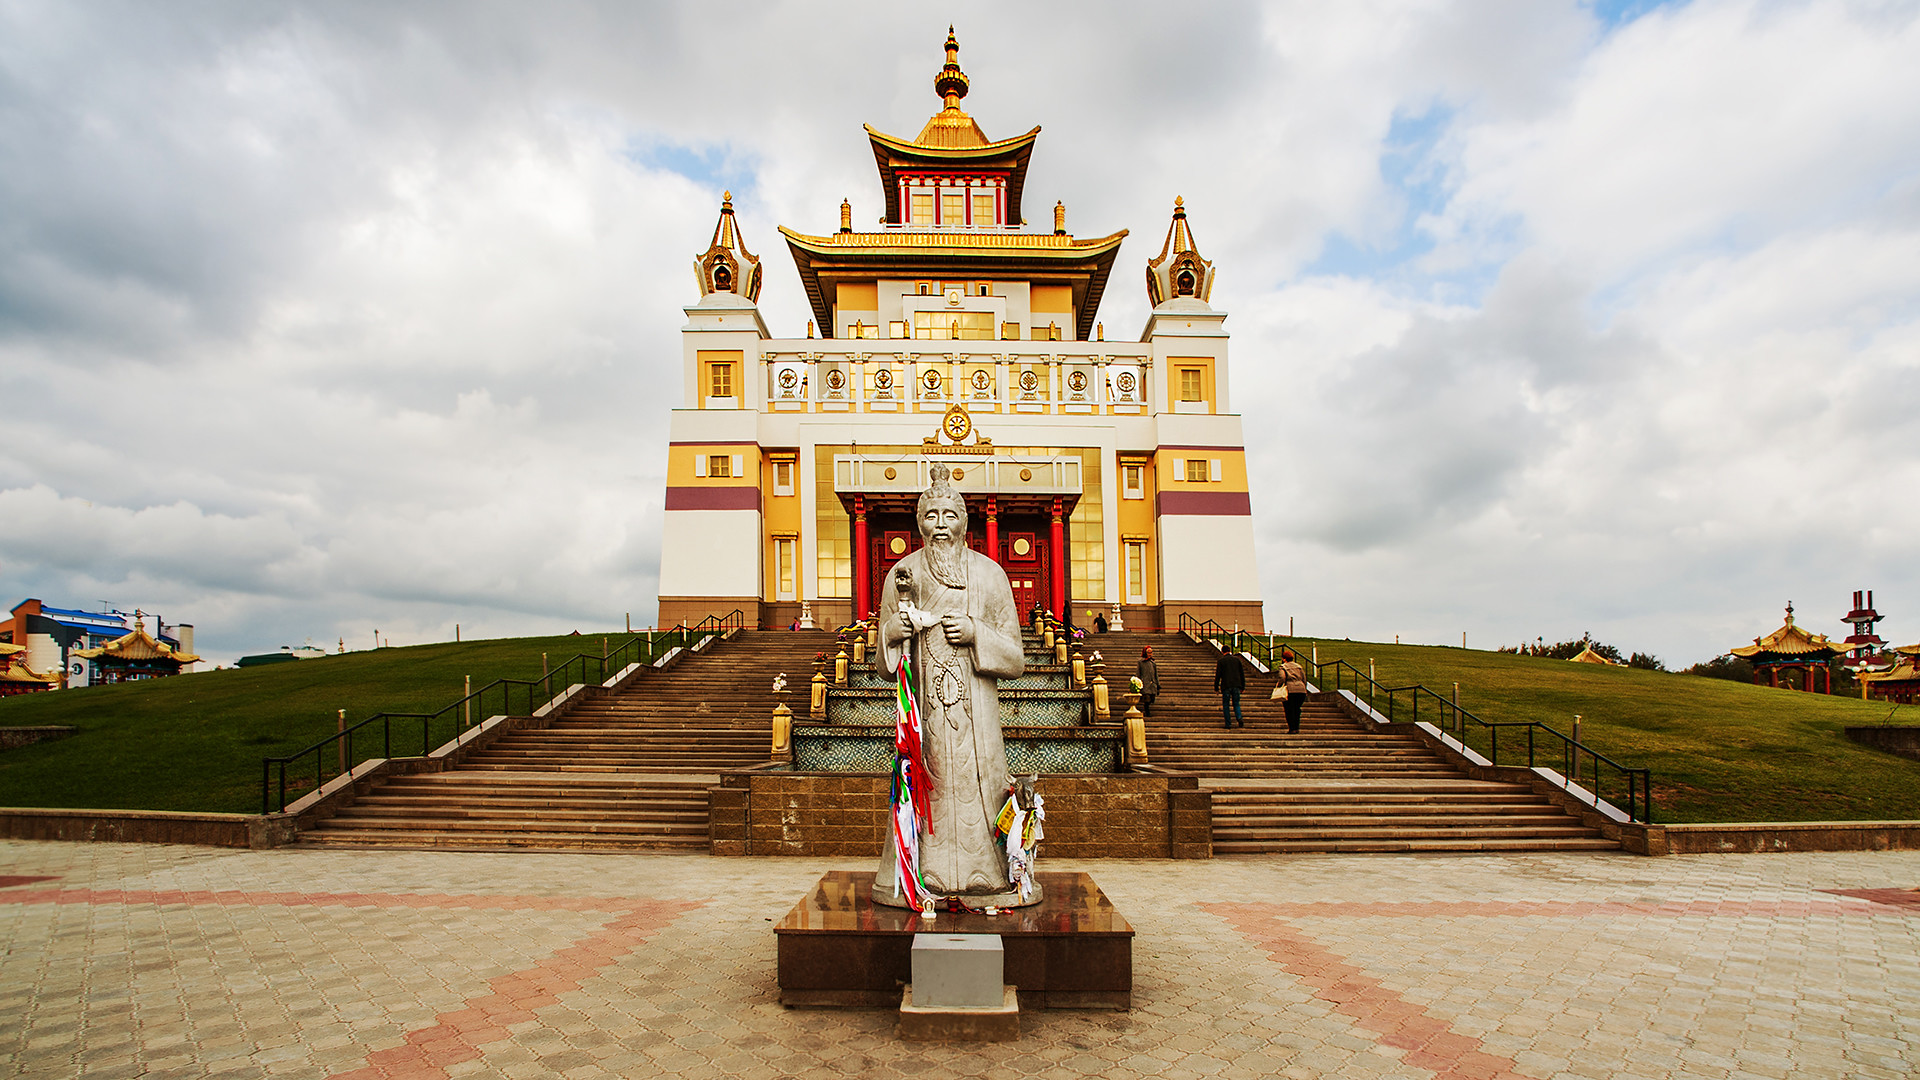 Калмикија: Једини регион у Европи где је будизам главна религија